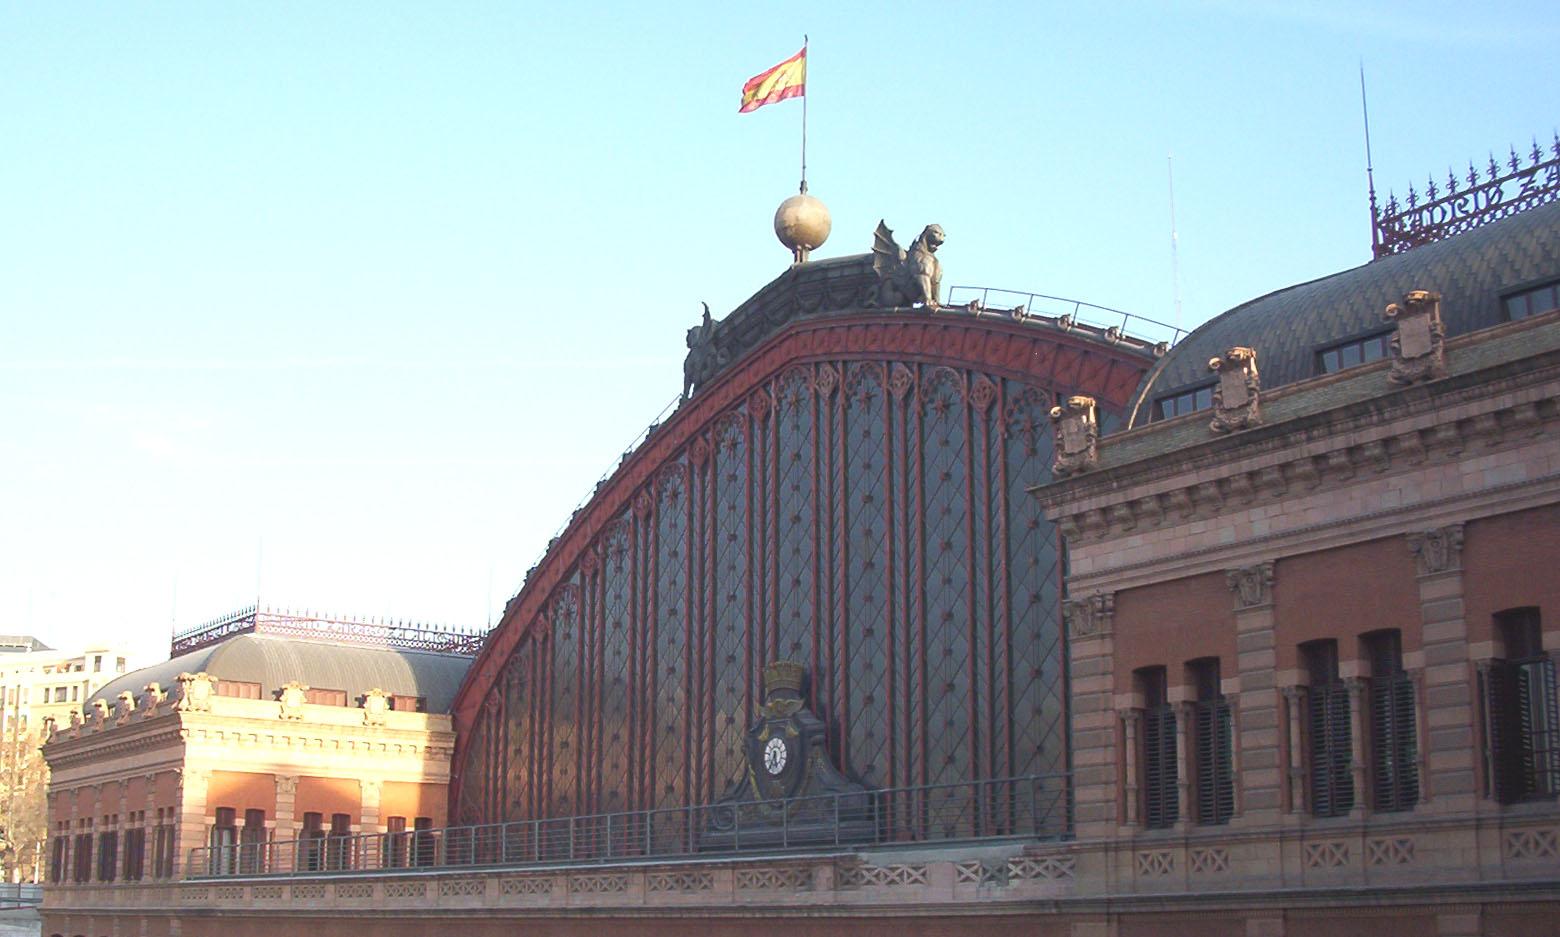 世界上10大最美火车站 - wuwei1101 - 西花社